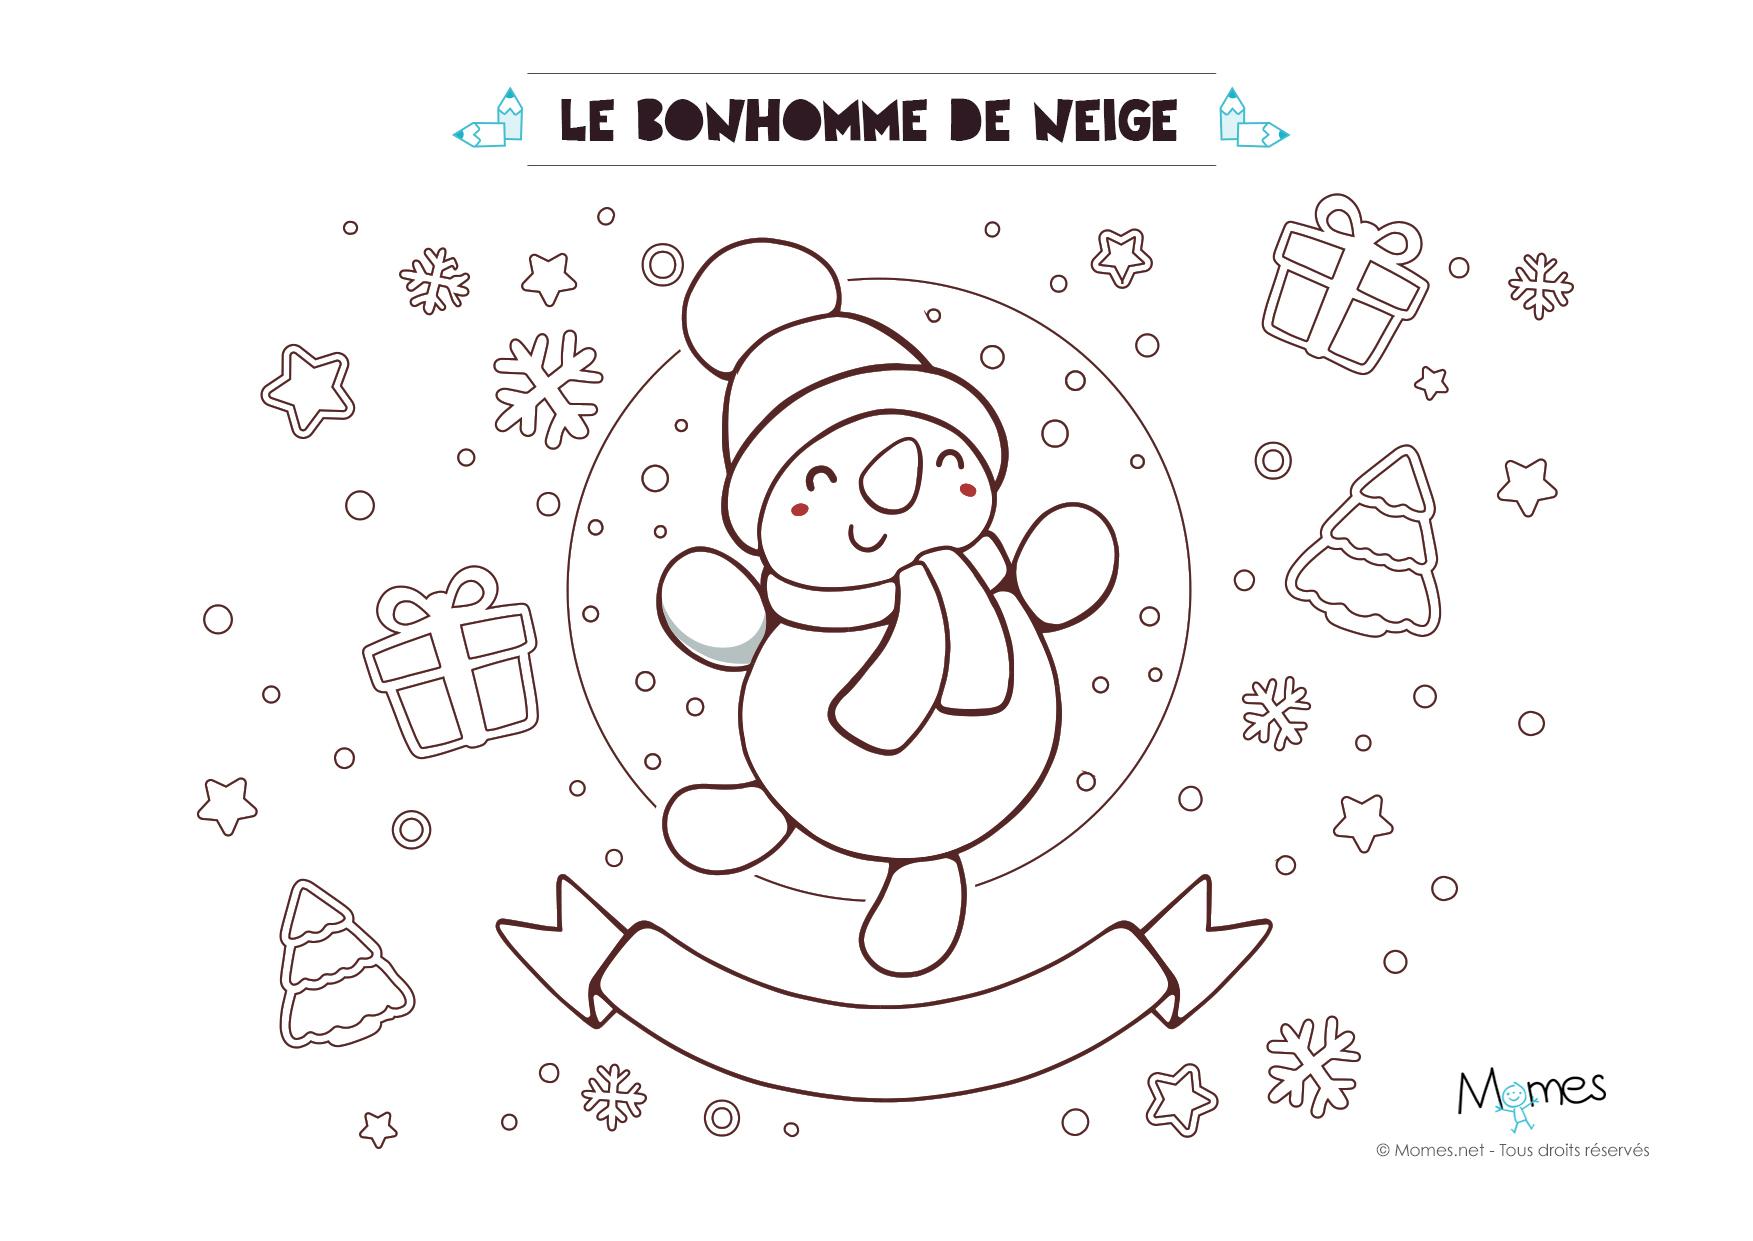 Coloriage De Noël : Le Bonhomme De Neige - Momes à Dessin Bonhomme De Neige A Imprimer